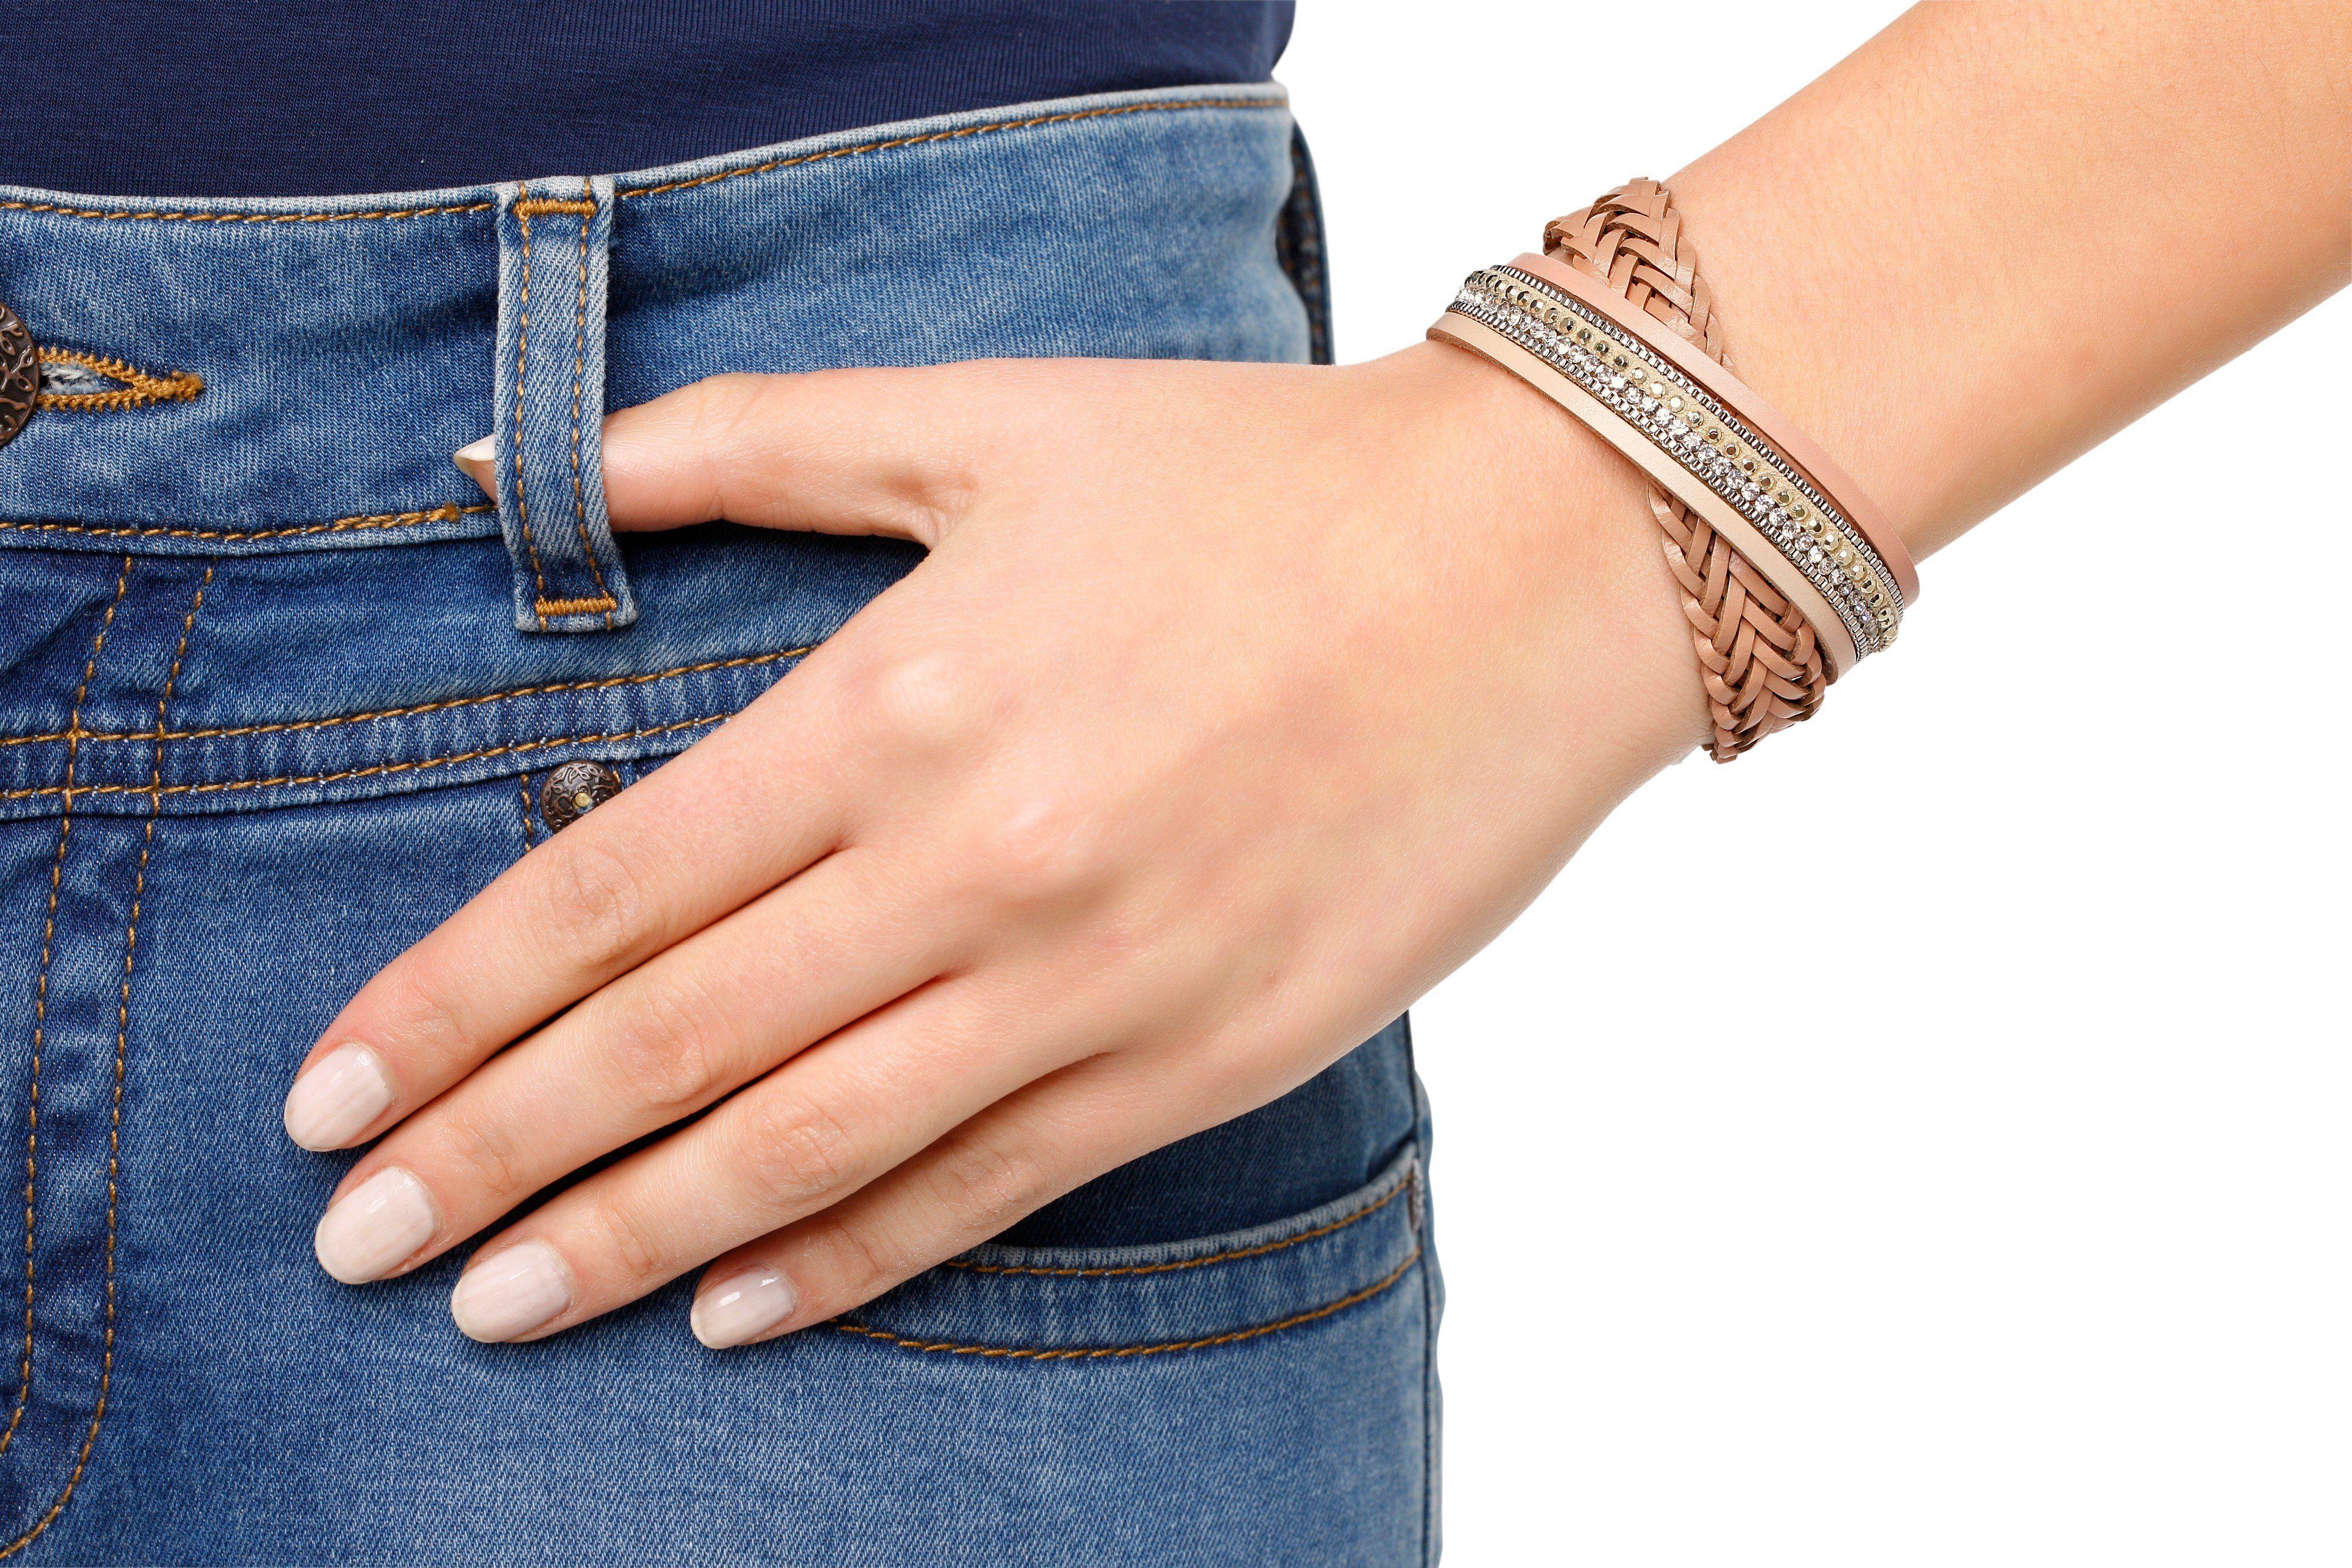 Armband Makkelijk Armband Makkelijk Gekocht Armband Gekocht Makkelijk 3lK1ucJ5TF